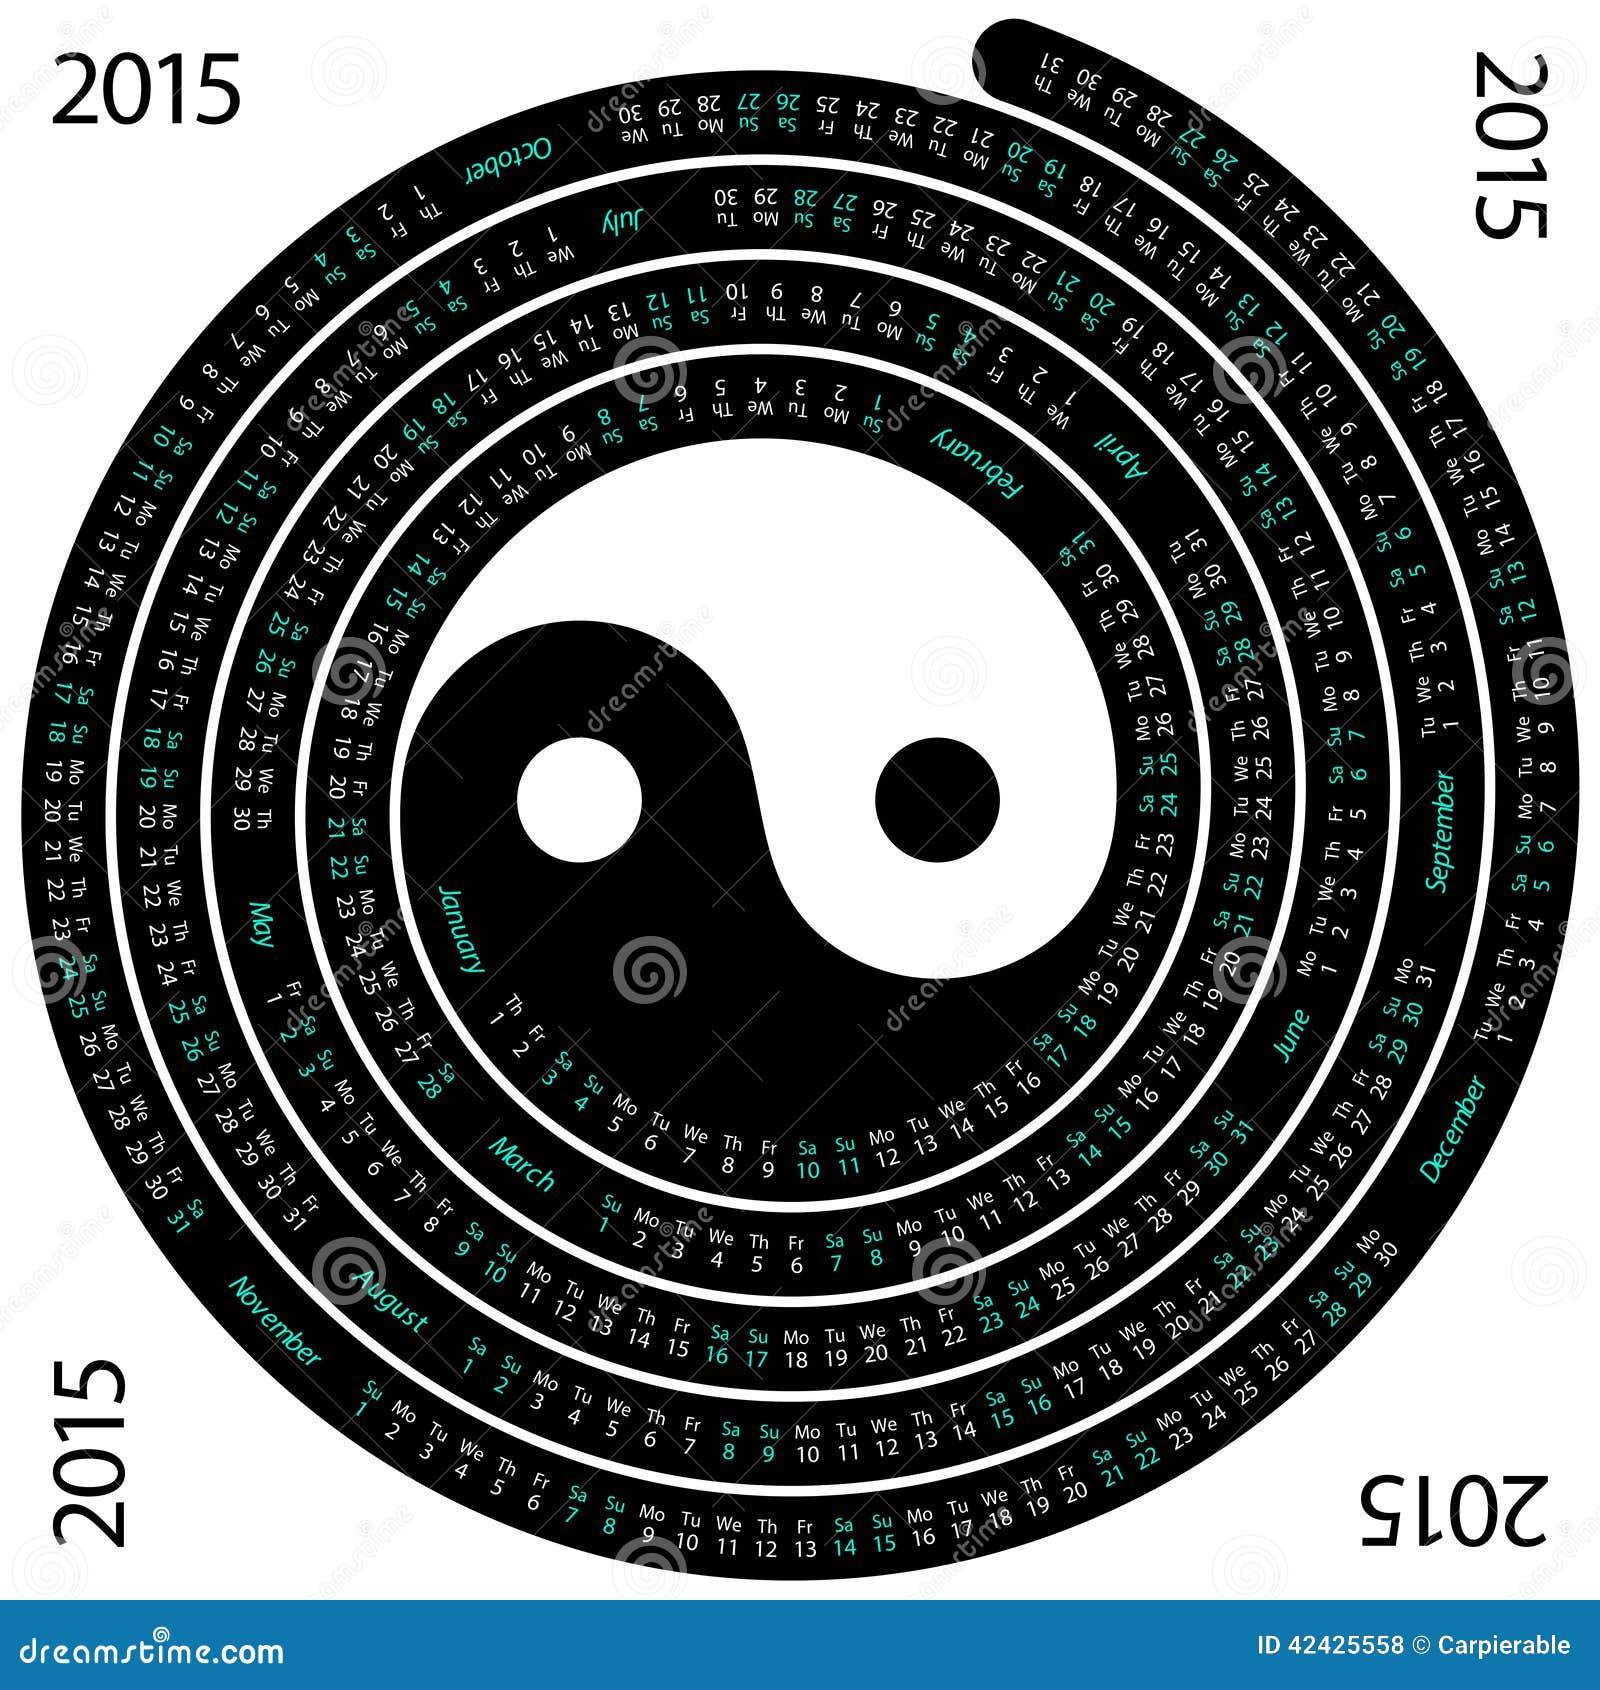 2015 Spiral Calendar Cartoon Vector Cartoondealer Com